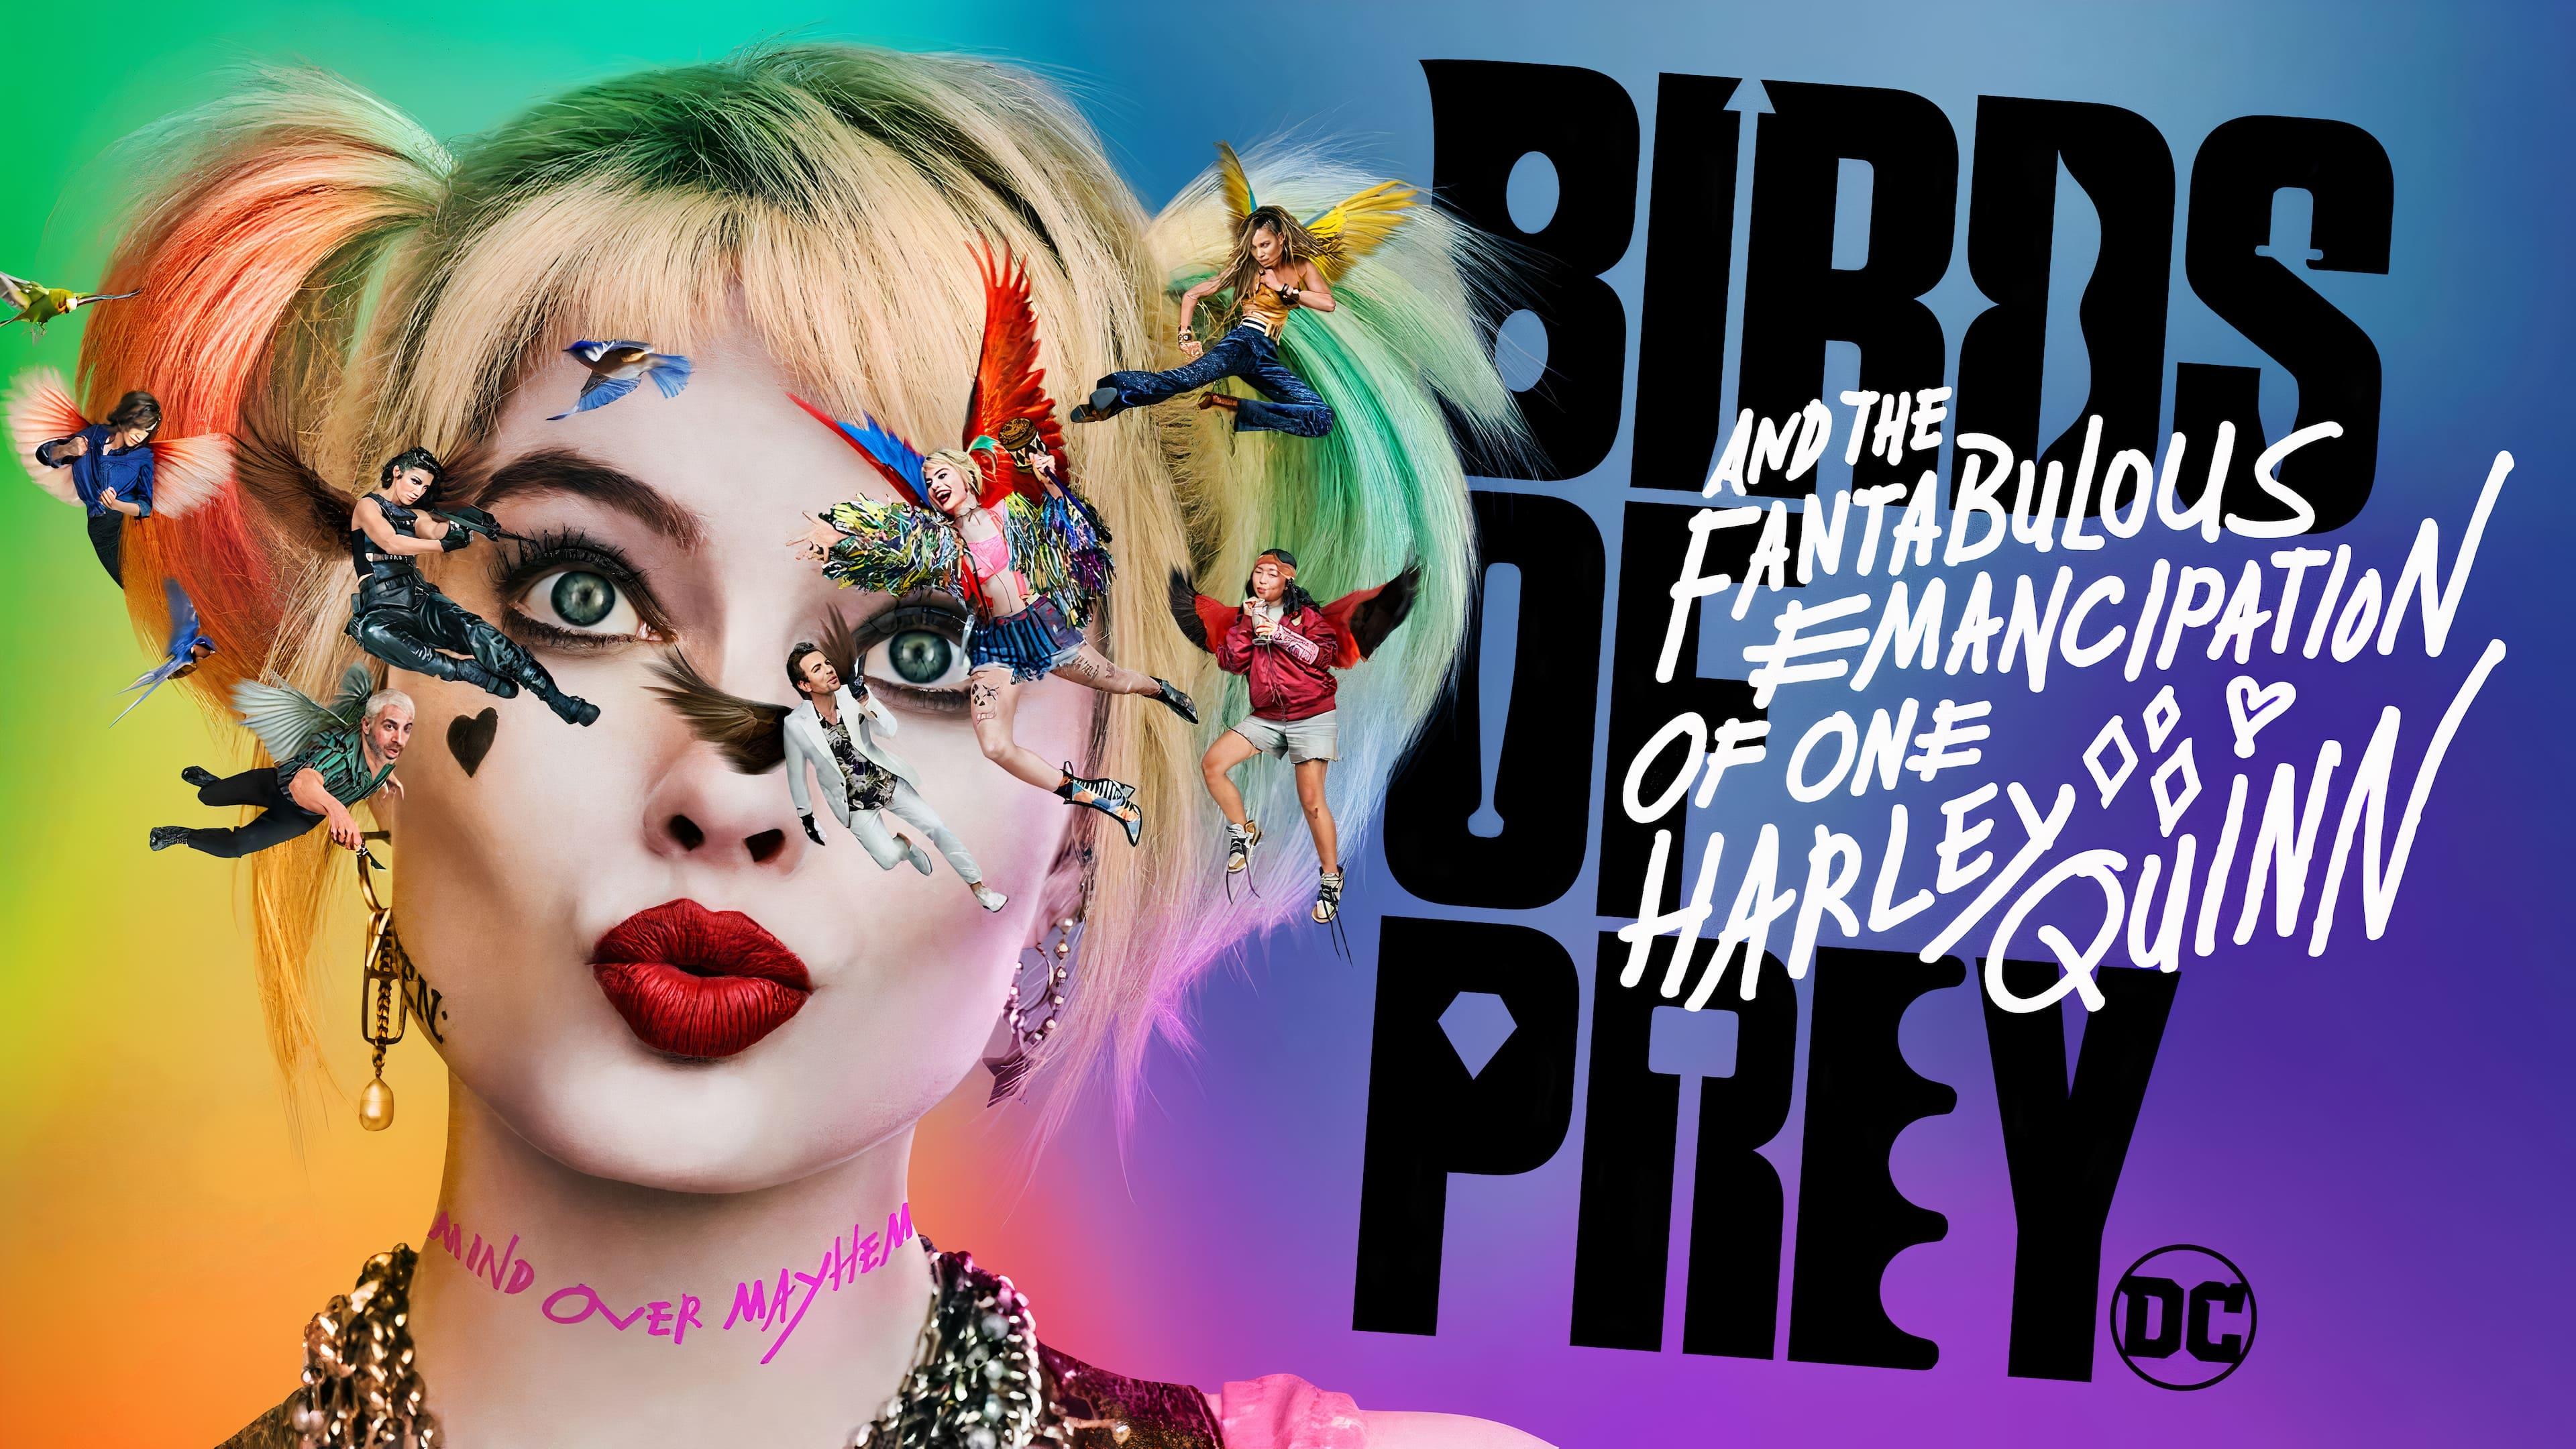 Αρπακτικά Πτηνά: Και η Φαντασμαγορική Χειραφέτηση της Χάρλεϊ Κουίν (2020)